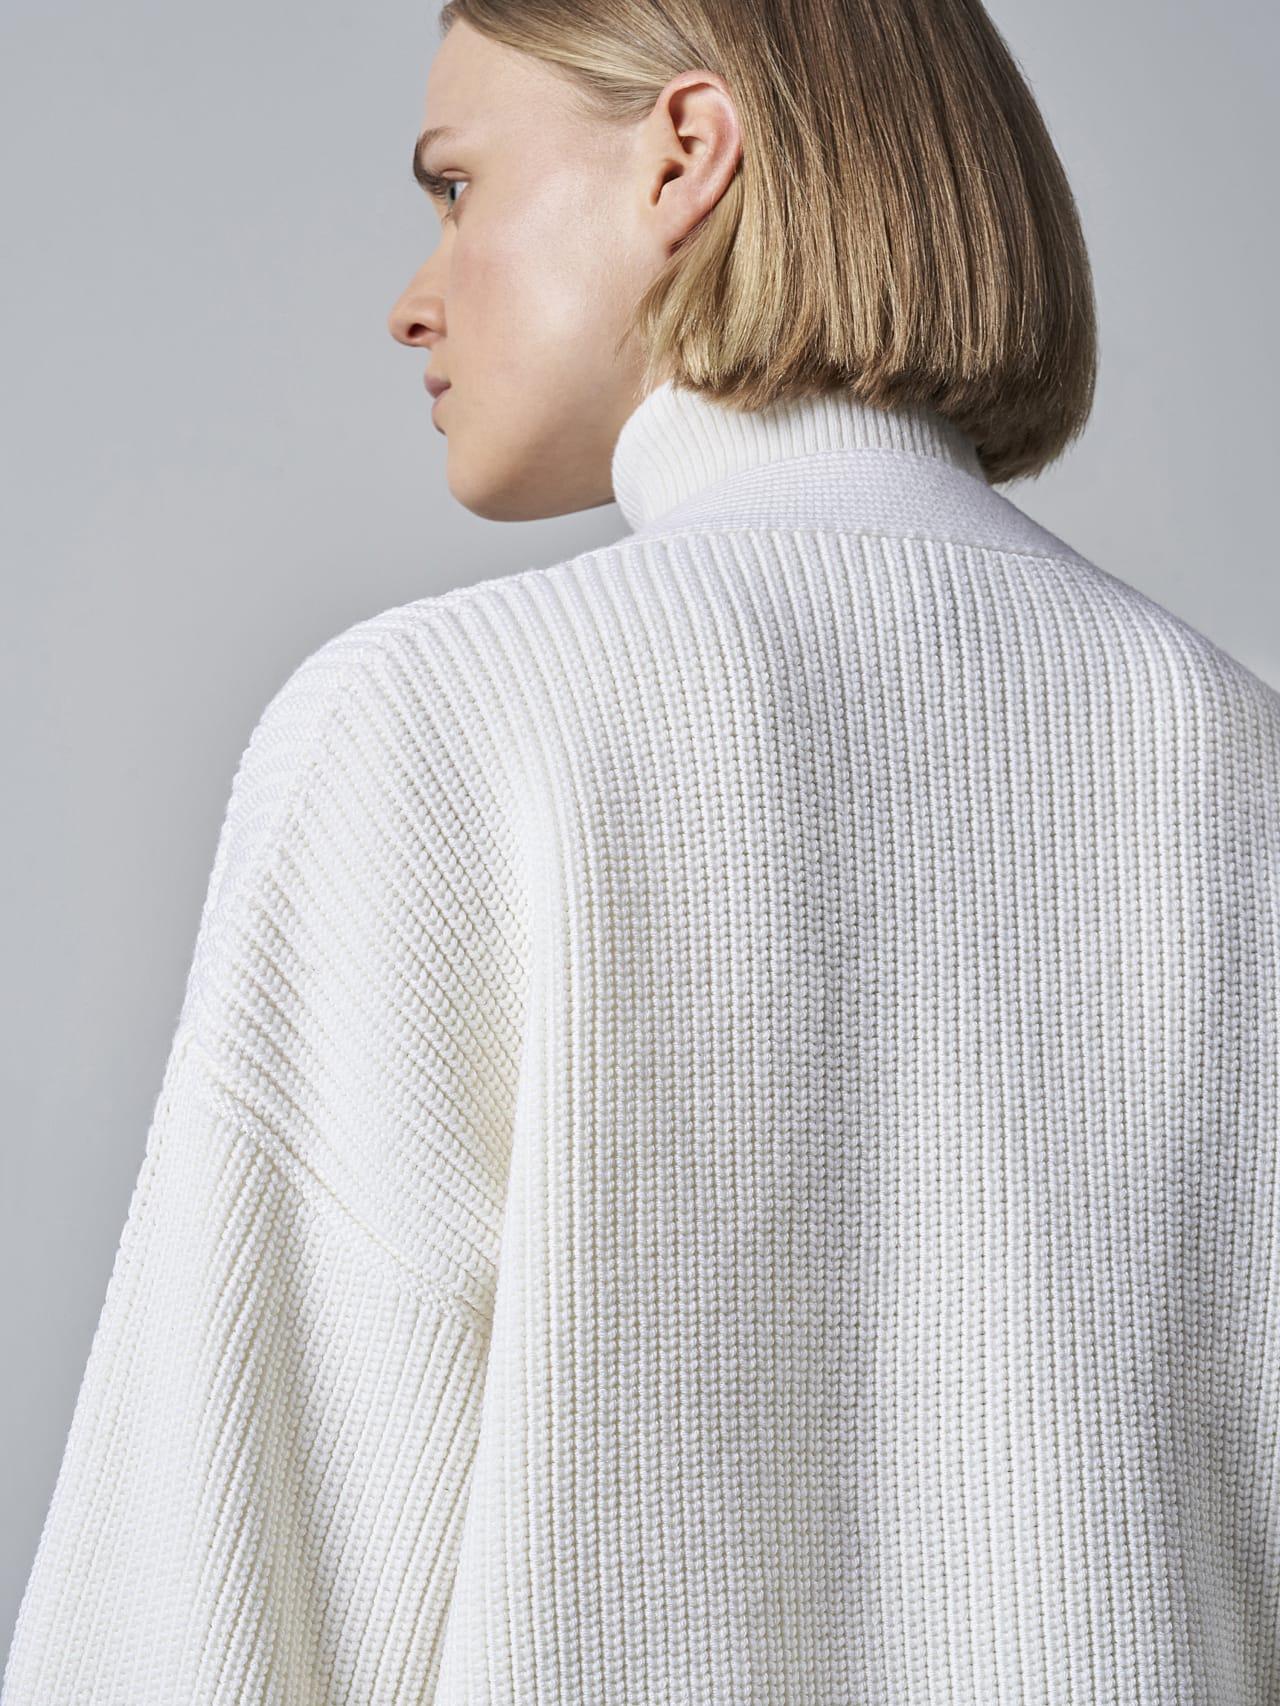 FREDA V1.Y5.02 Chunky Merino Wool Cardigan offwhite Extra Alpha Tauri